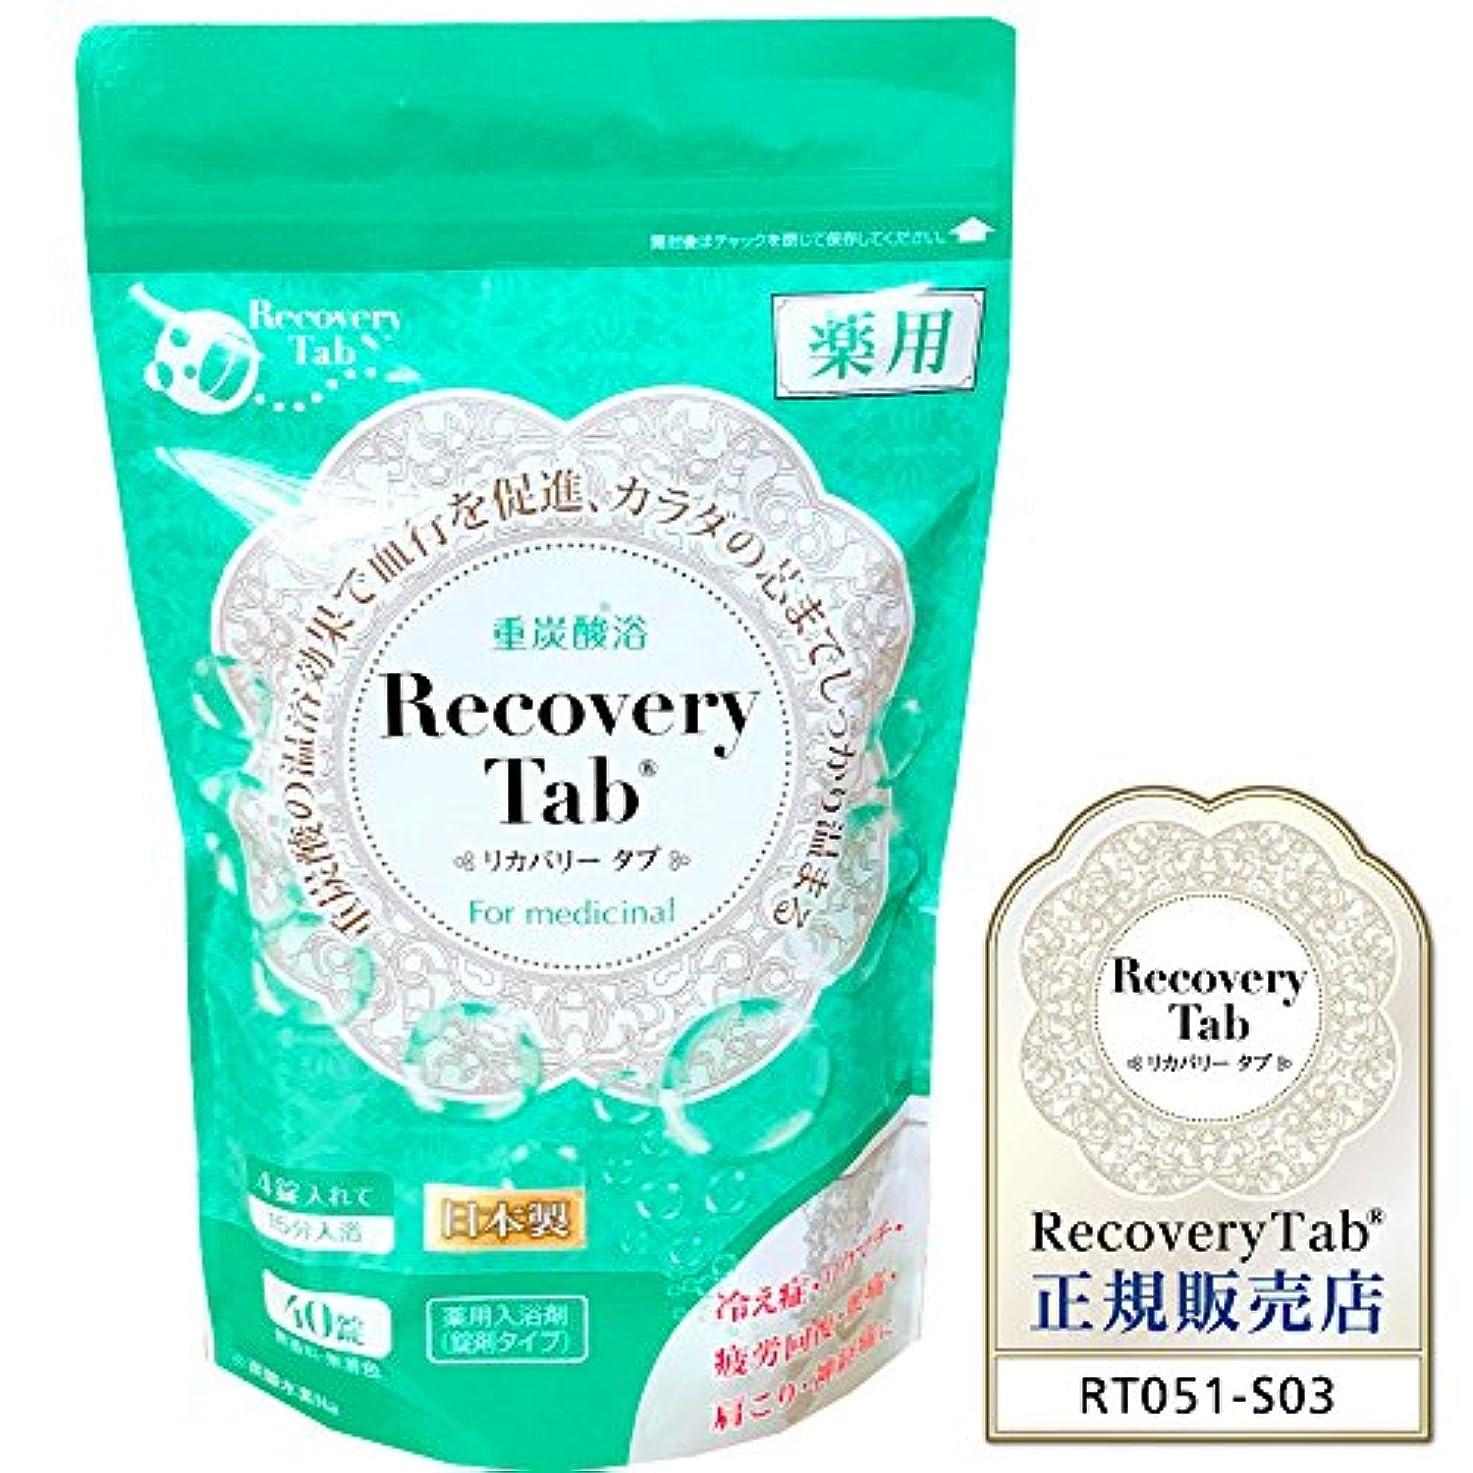 月アレルギーパック【Recovery Tab 正規販売店】 薬用 Recovery Tab リカバリータブ 重炭酸浴 医薬部外品 40錠入